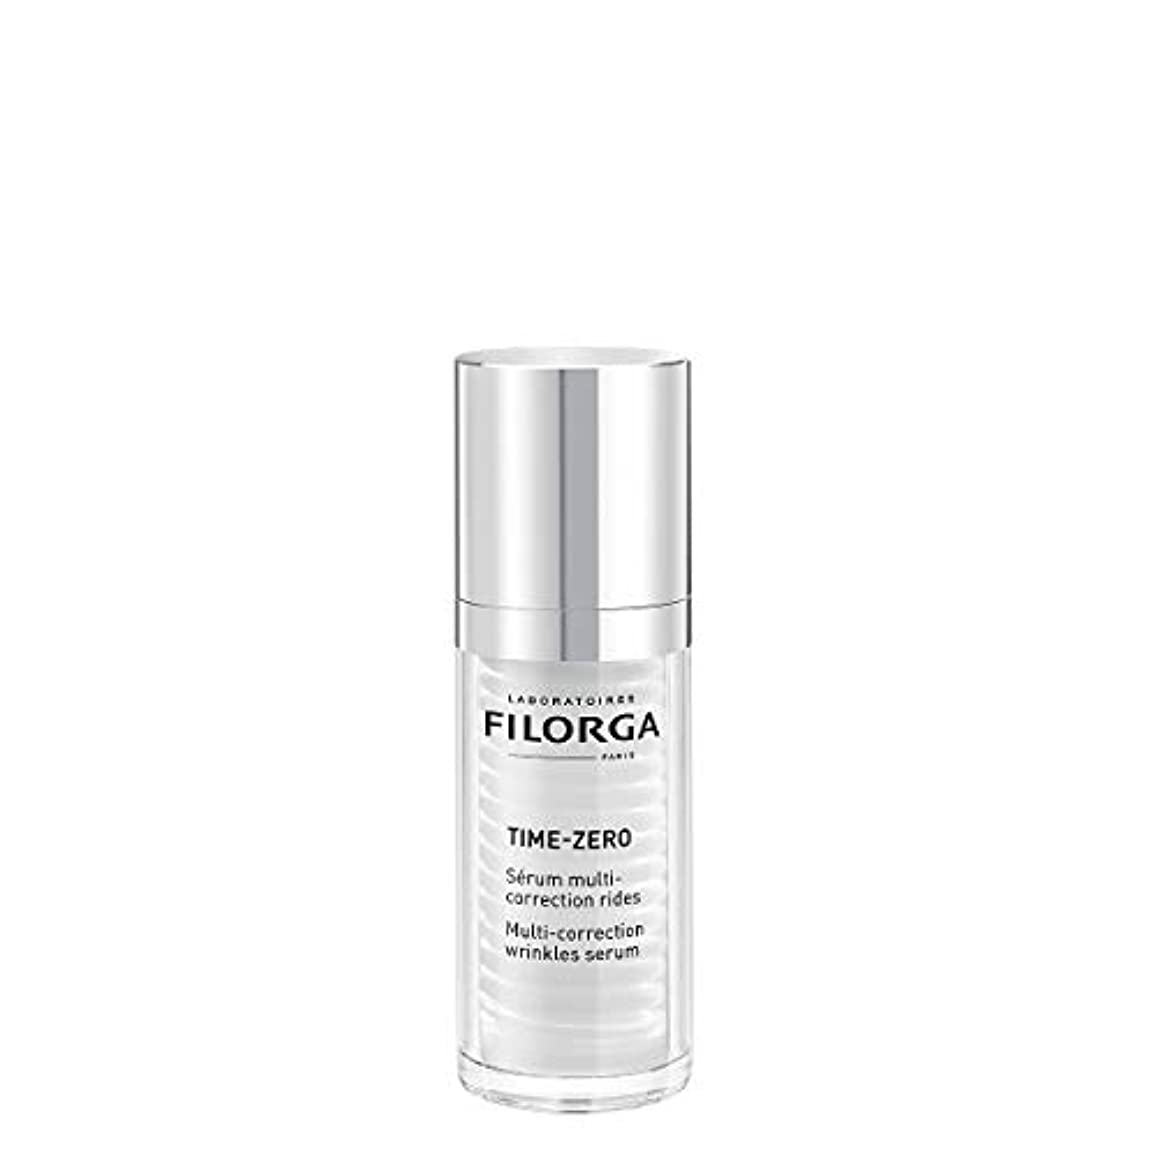 スマイル間違いなく食事を調理するFilorga Time-Zero Multi-Correction Wrinkles Serum 30ml